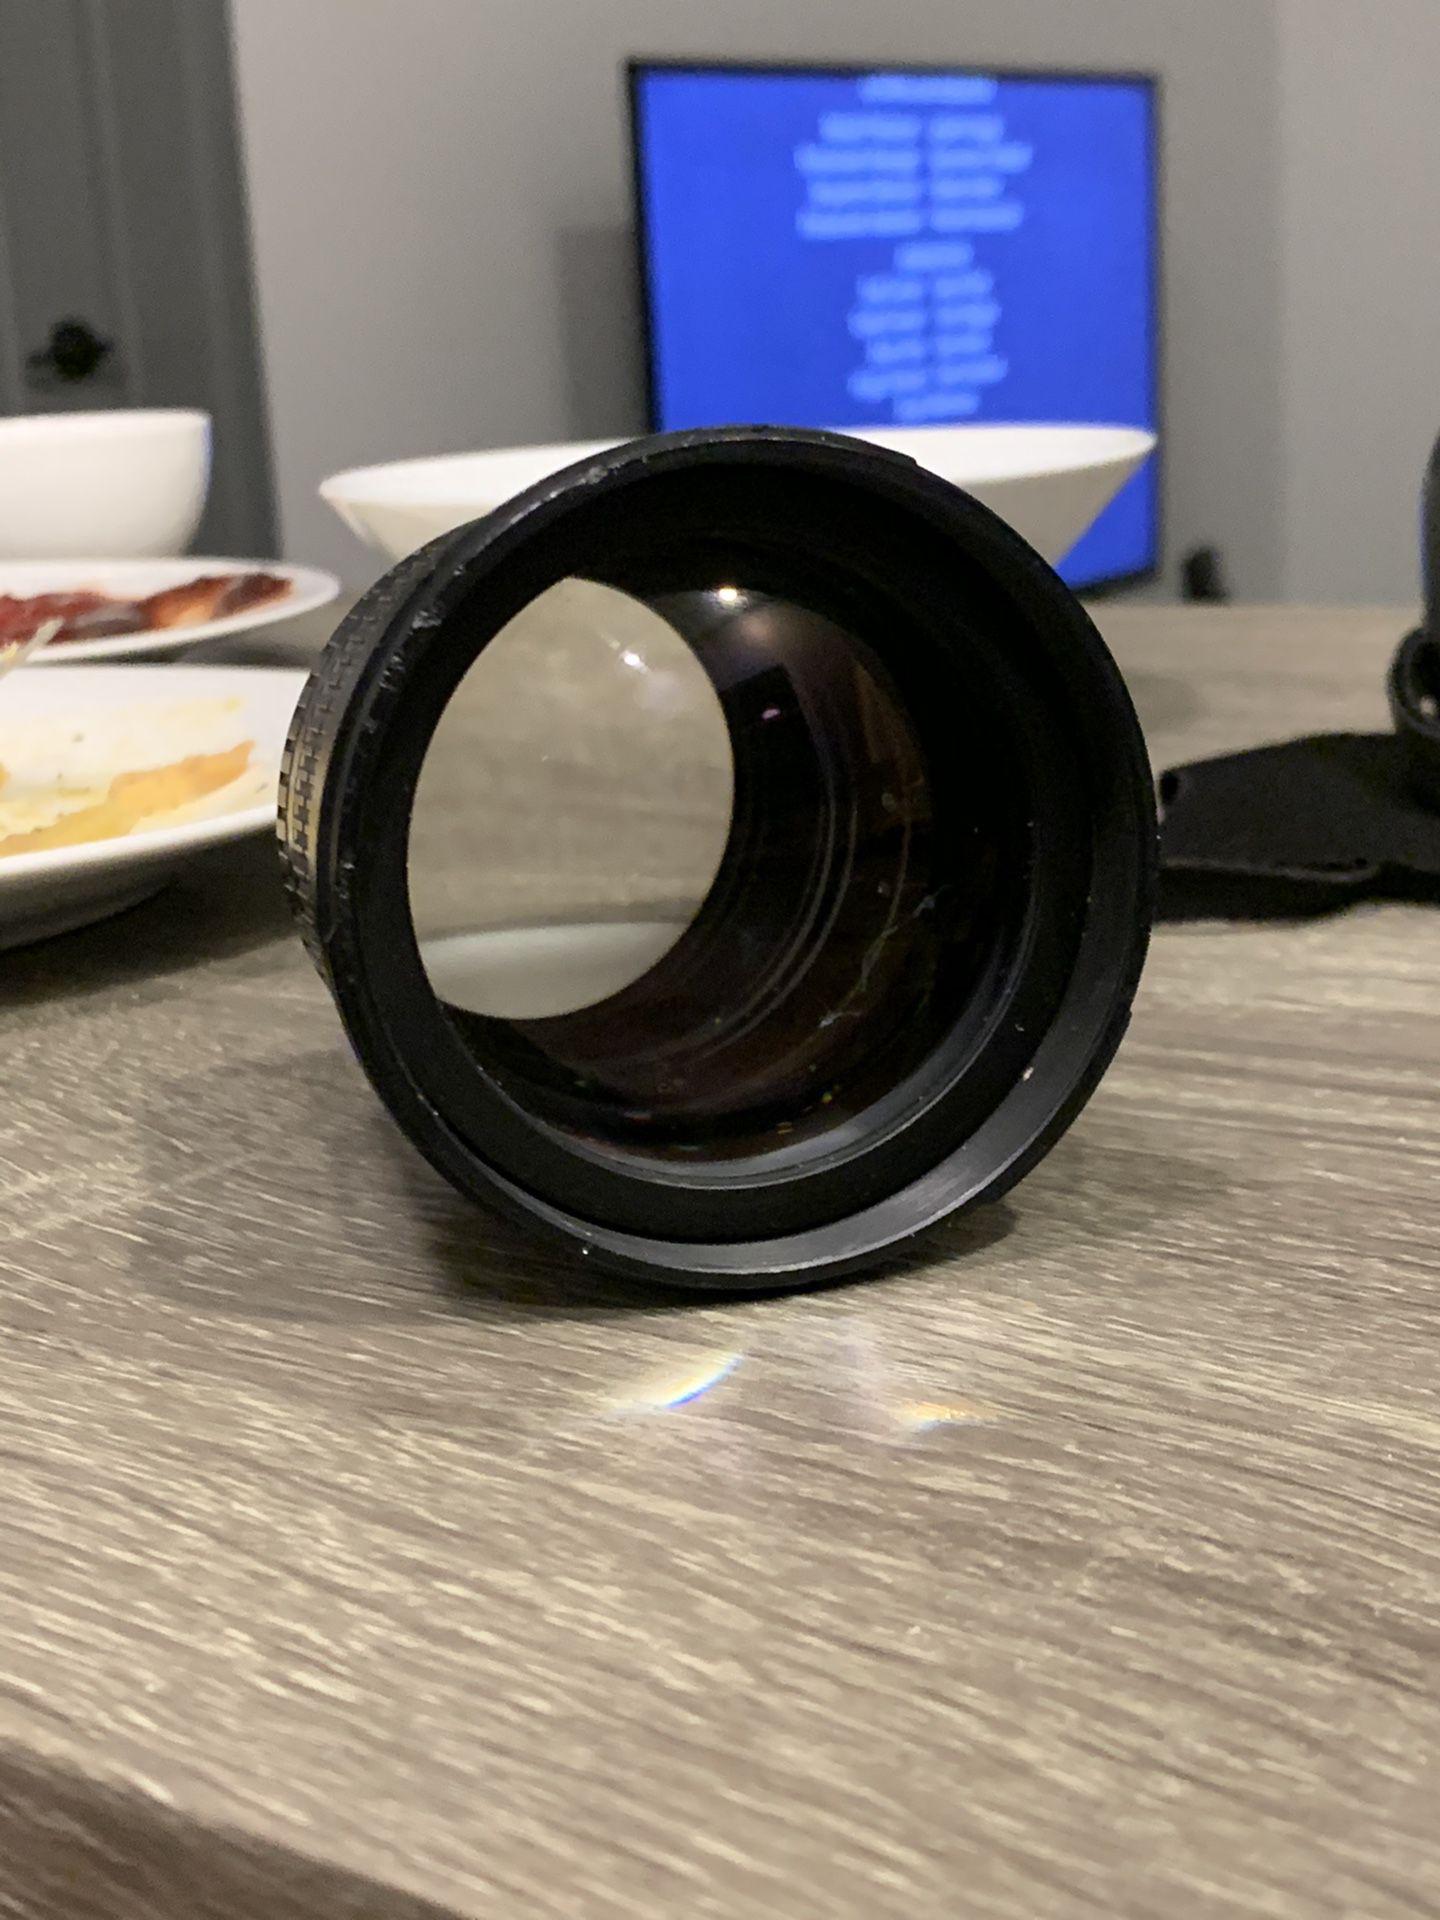 Rokinon 85mm f/1.4 Aspherical Lens for Canon DSLR